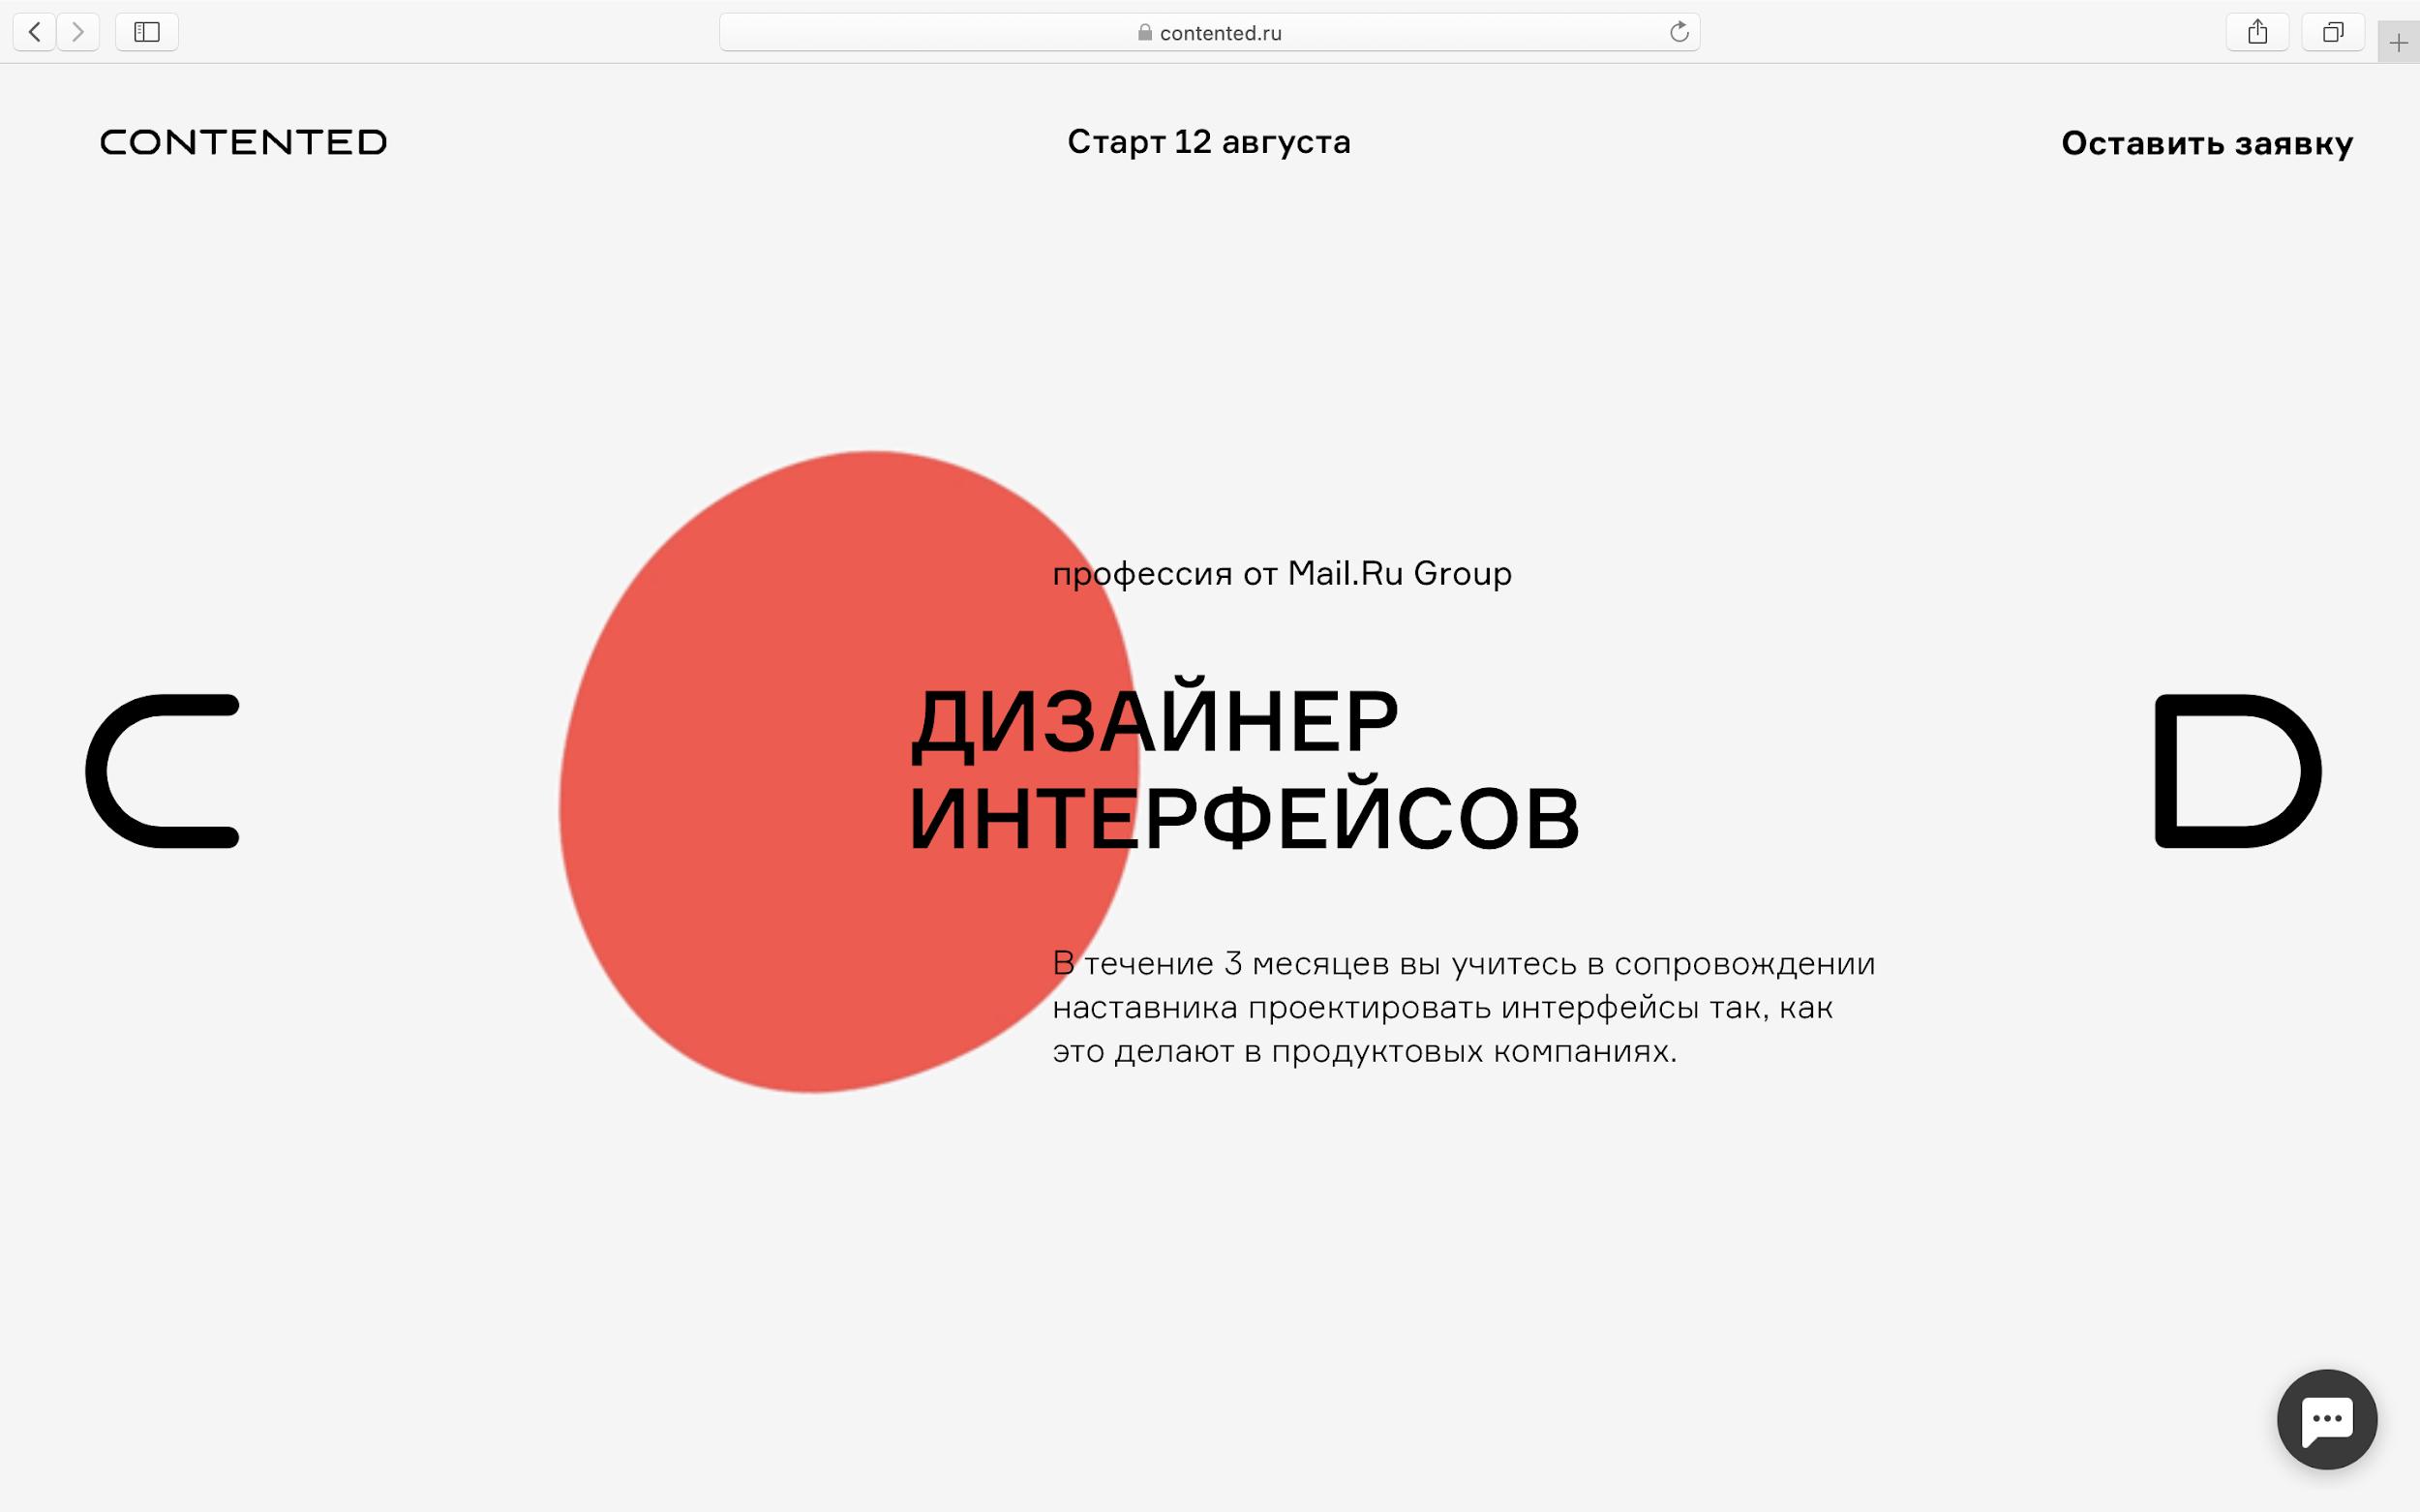 Курс дизайна интерфейсов онлайн - Обучение дизайнеров интерфейсов - Contented